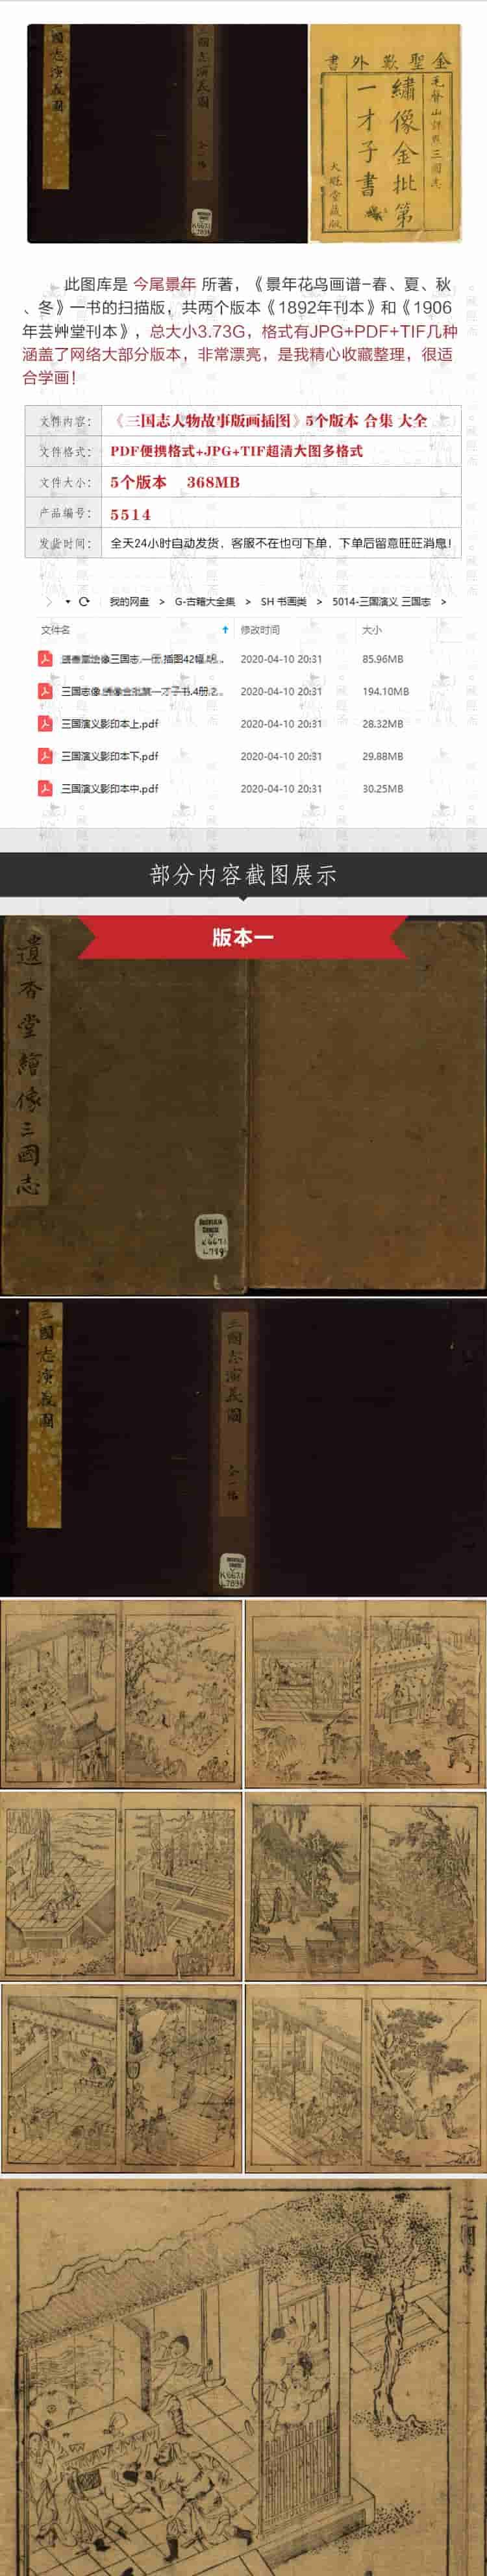 三国演义三国志手抄本古籍美术国画高清设计素材PDF电子版5514插图1